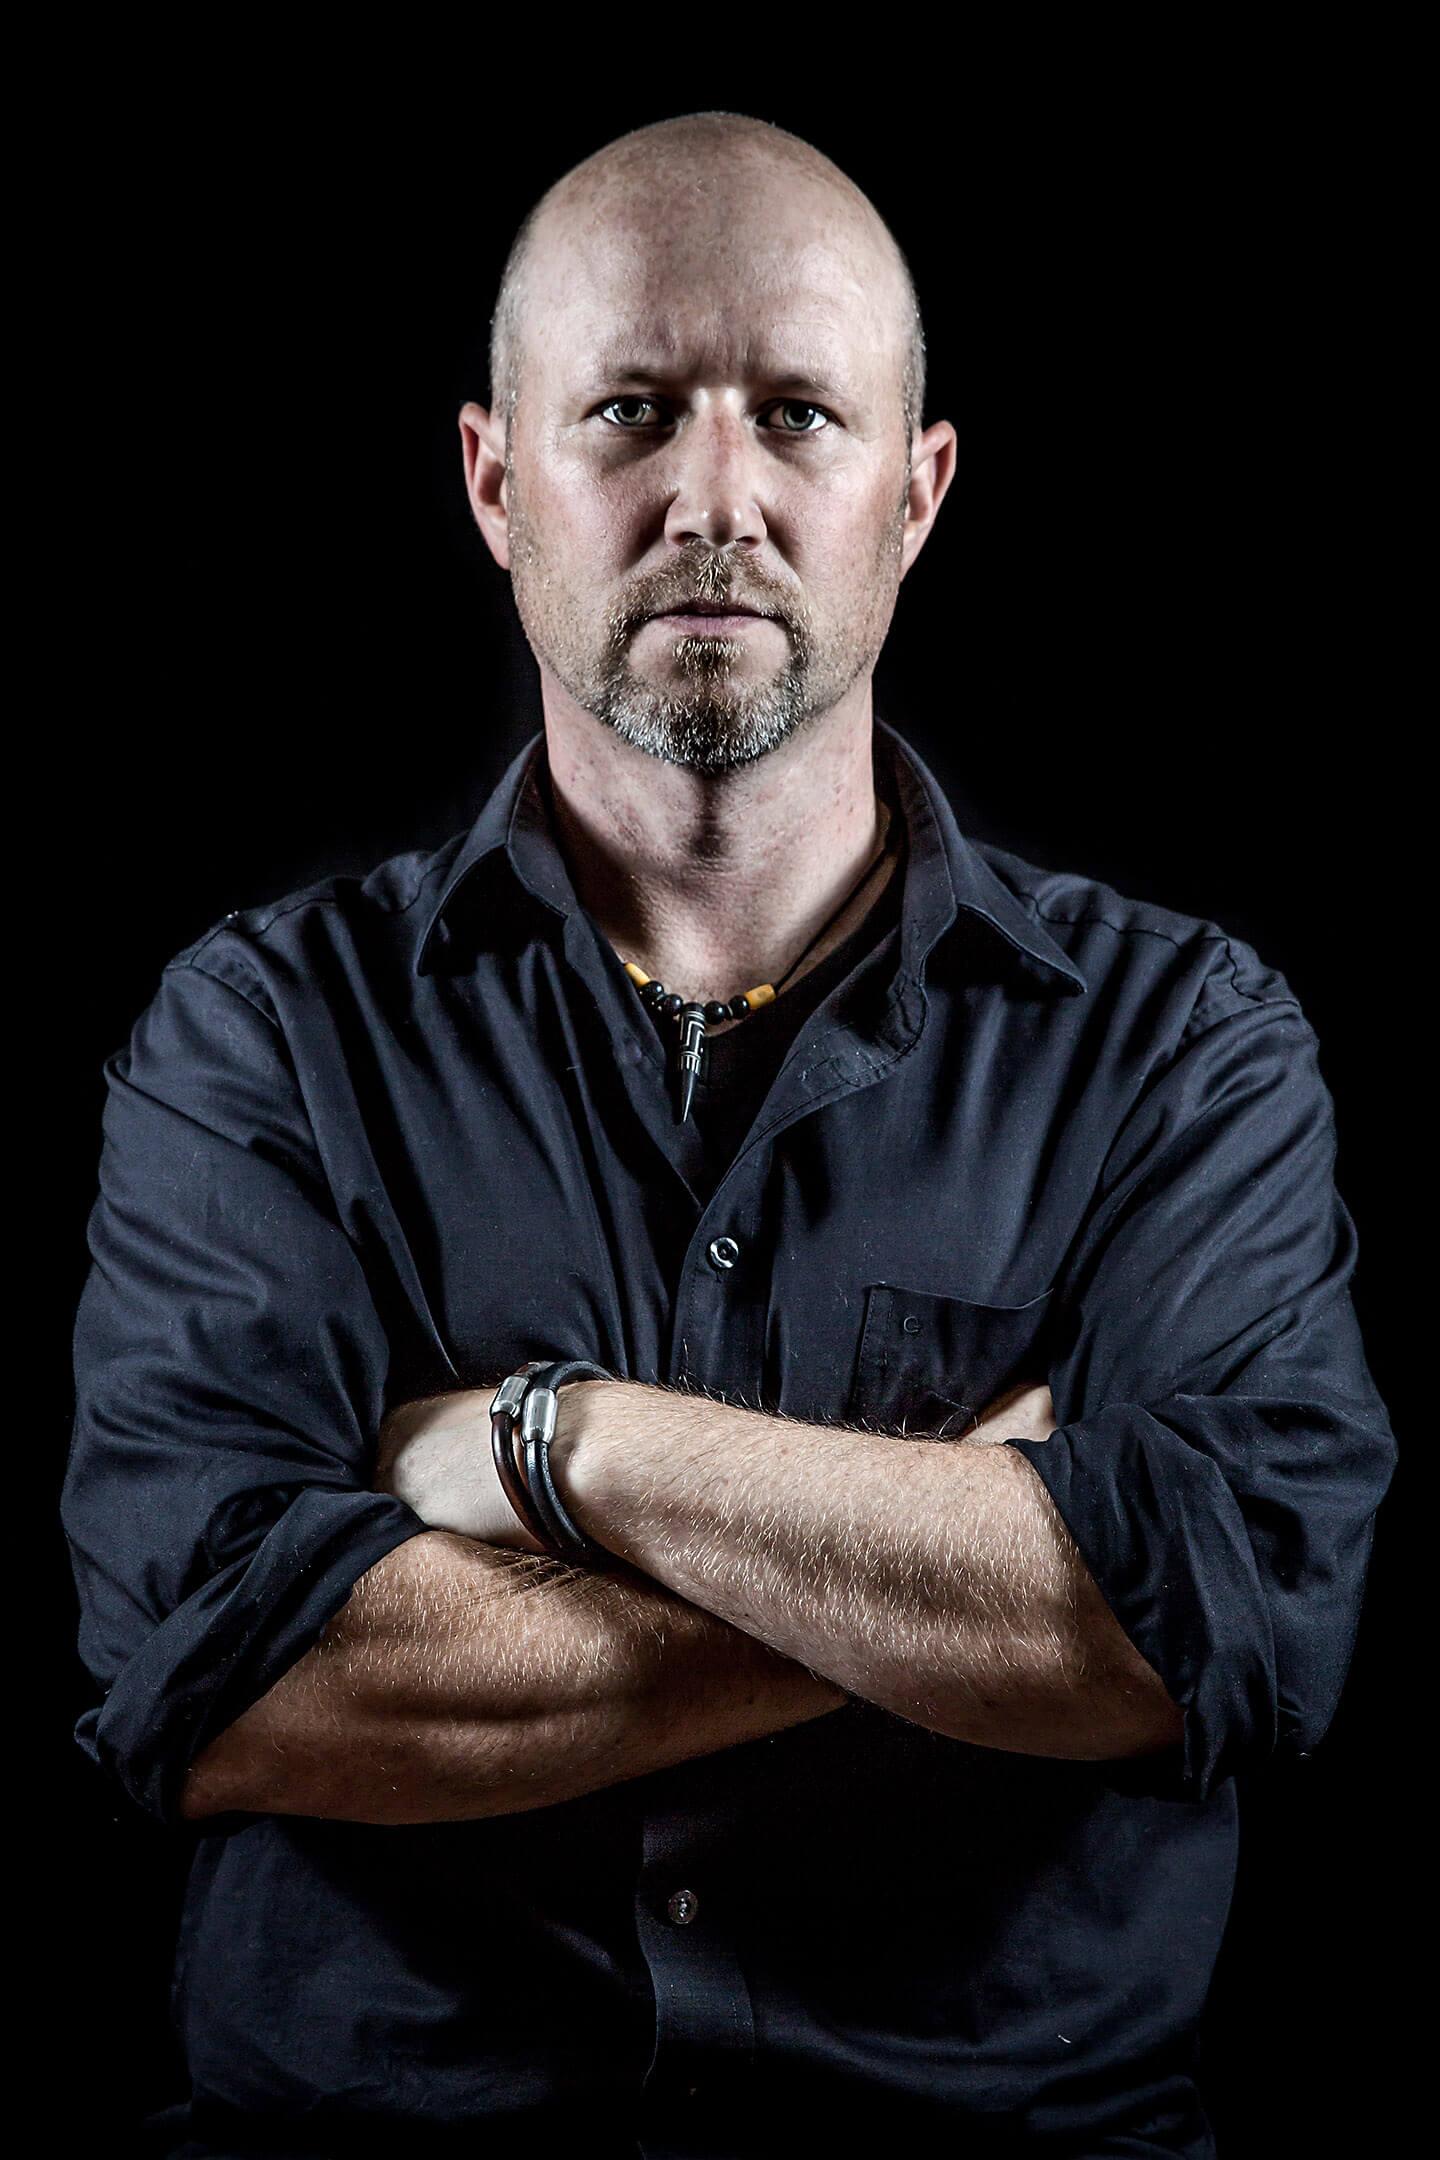 Dusteres Männerportrait mit schwarzer Leinwand